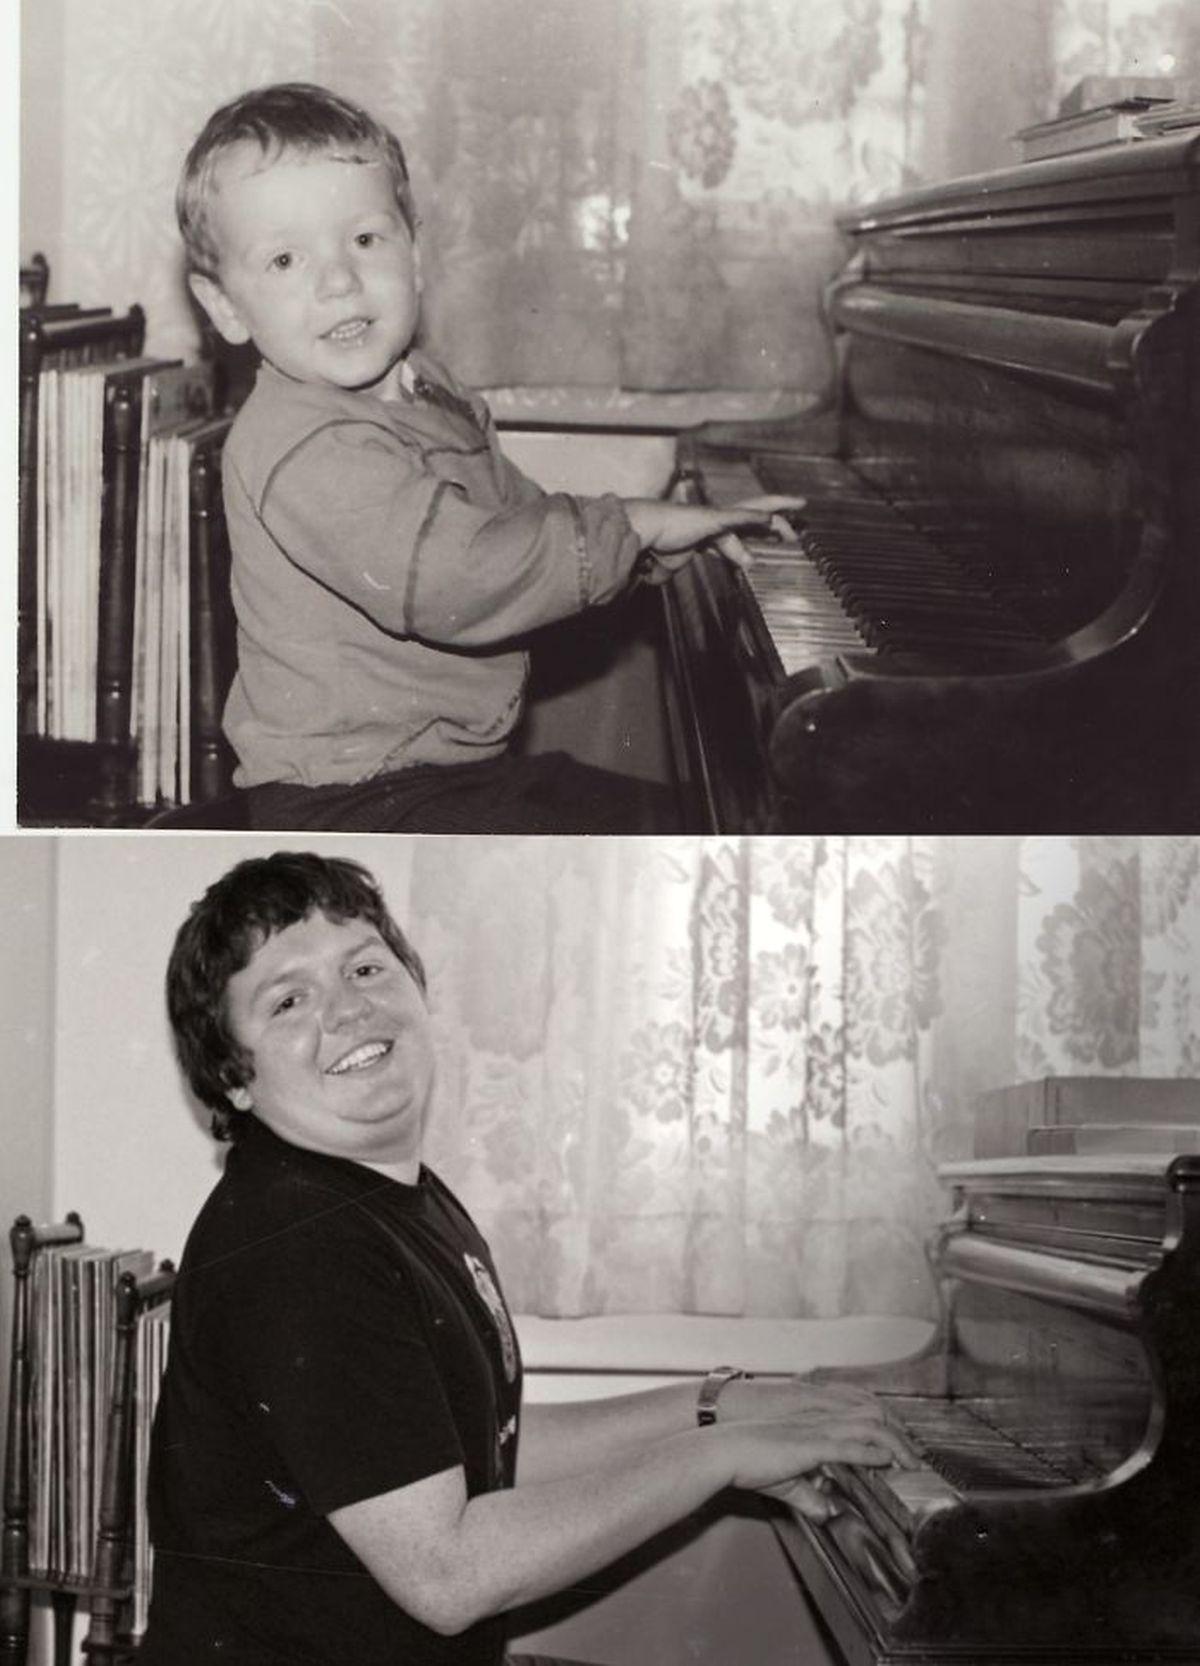 """Tình yêu âm nhạc vẫn cháy bỏng trong tim cậu bé, chỉ là cậu rất """"mau ăn chóng lớn"""""""